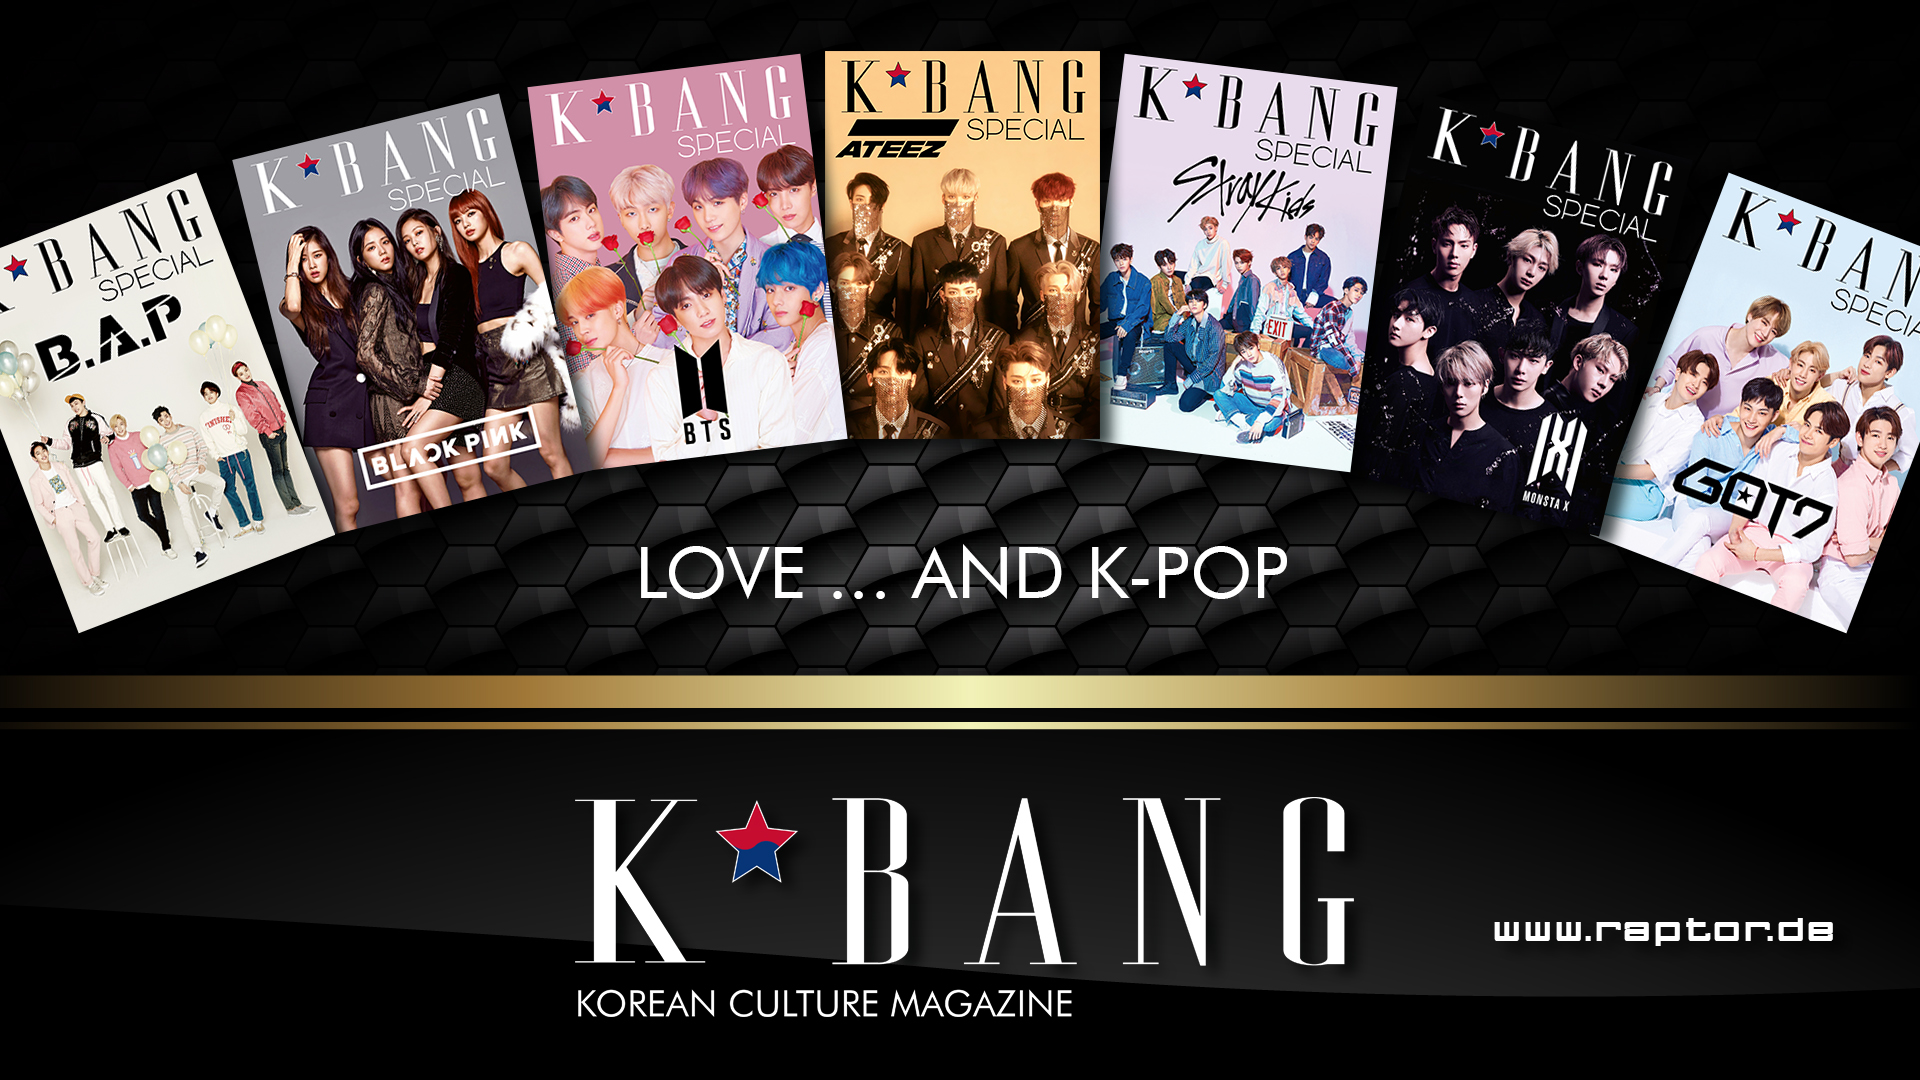 K*bang Band Specials 1 bis 7